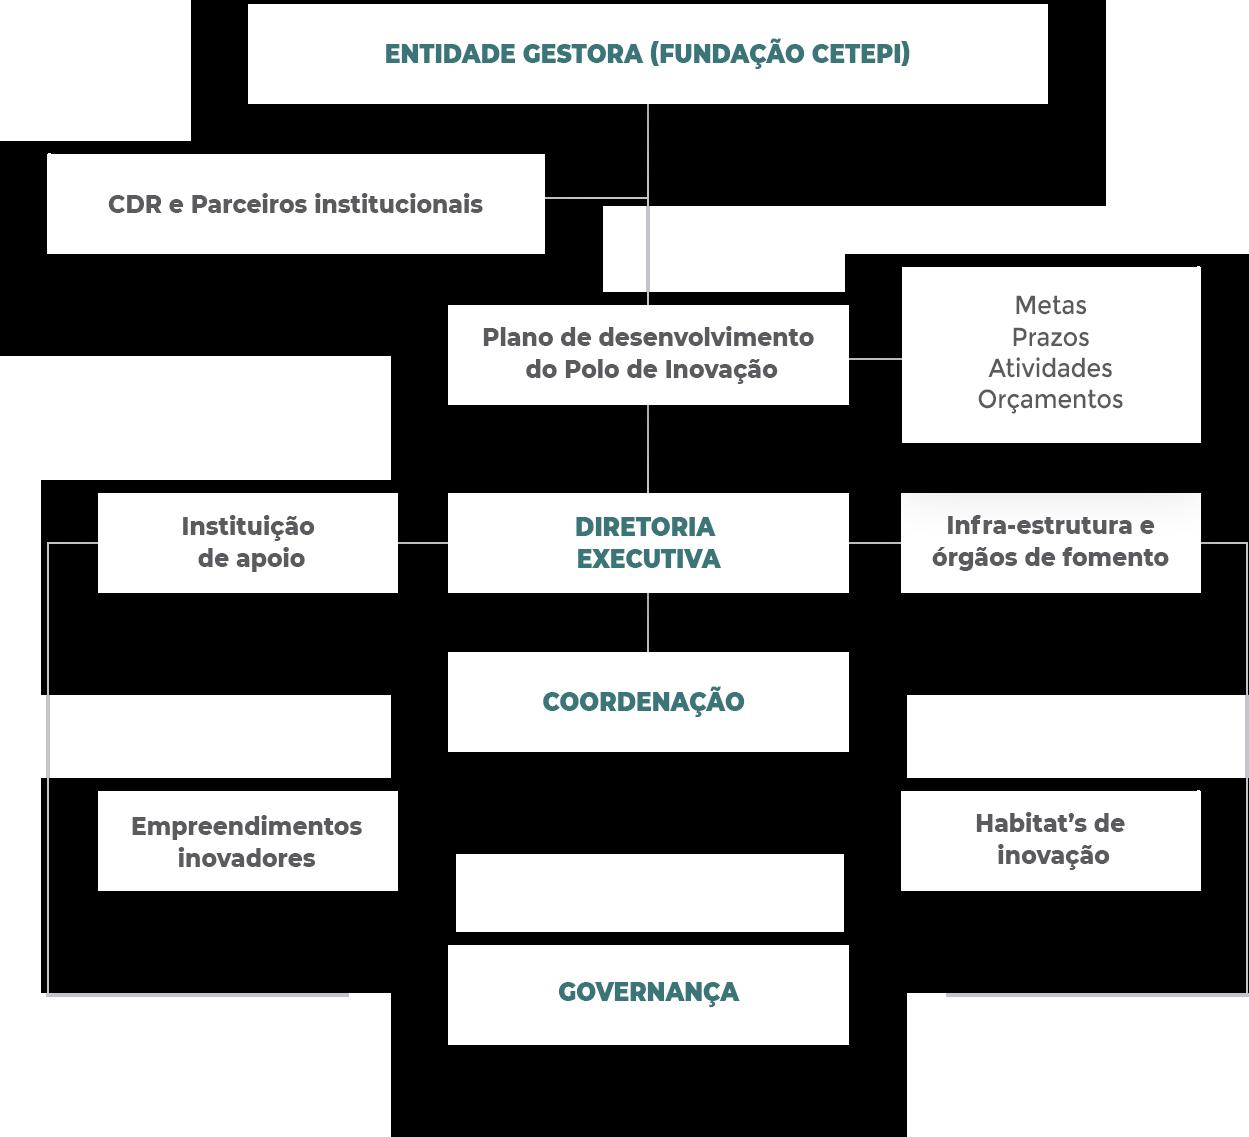 Modelo de Gestão e Governança